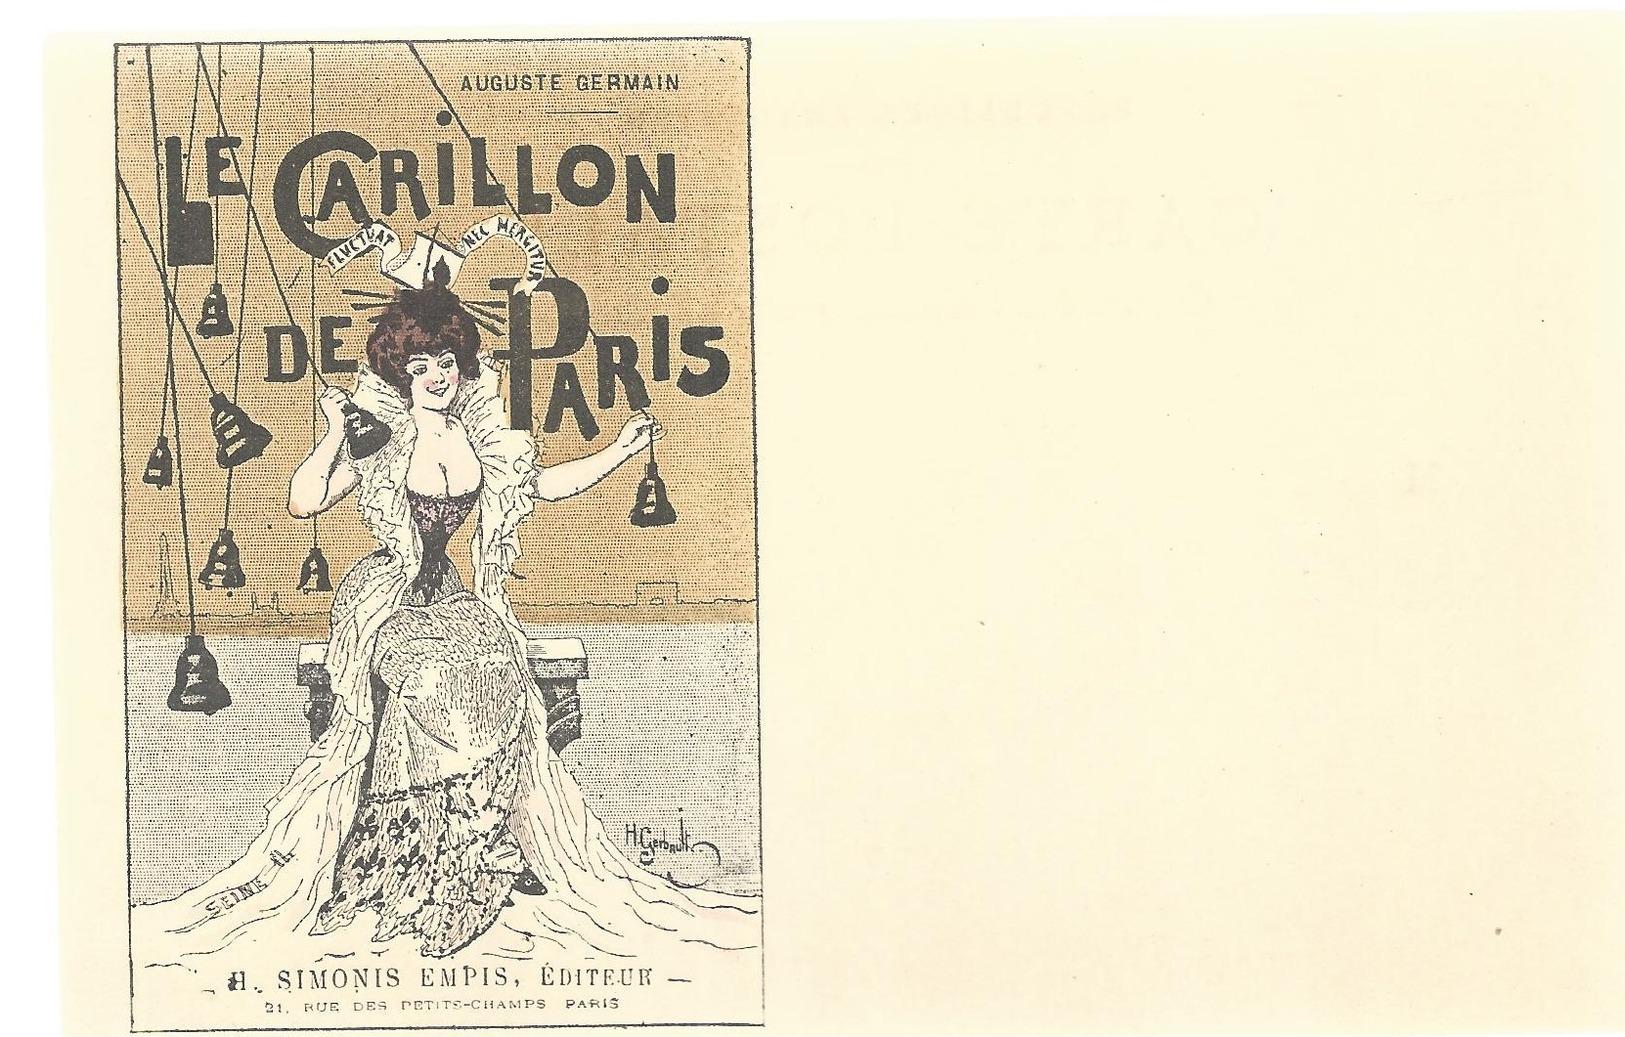 CPA - SERIE SIMONIS EMPIS - LE CARILLON DE PARIS - NON ECRITE - TBE - Künstlerkarten